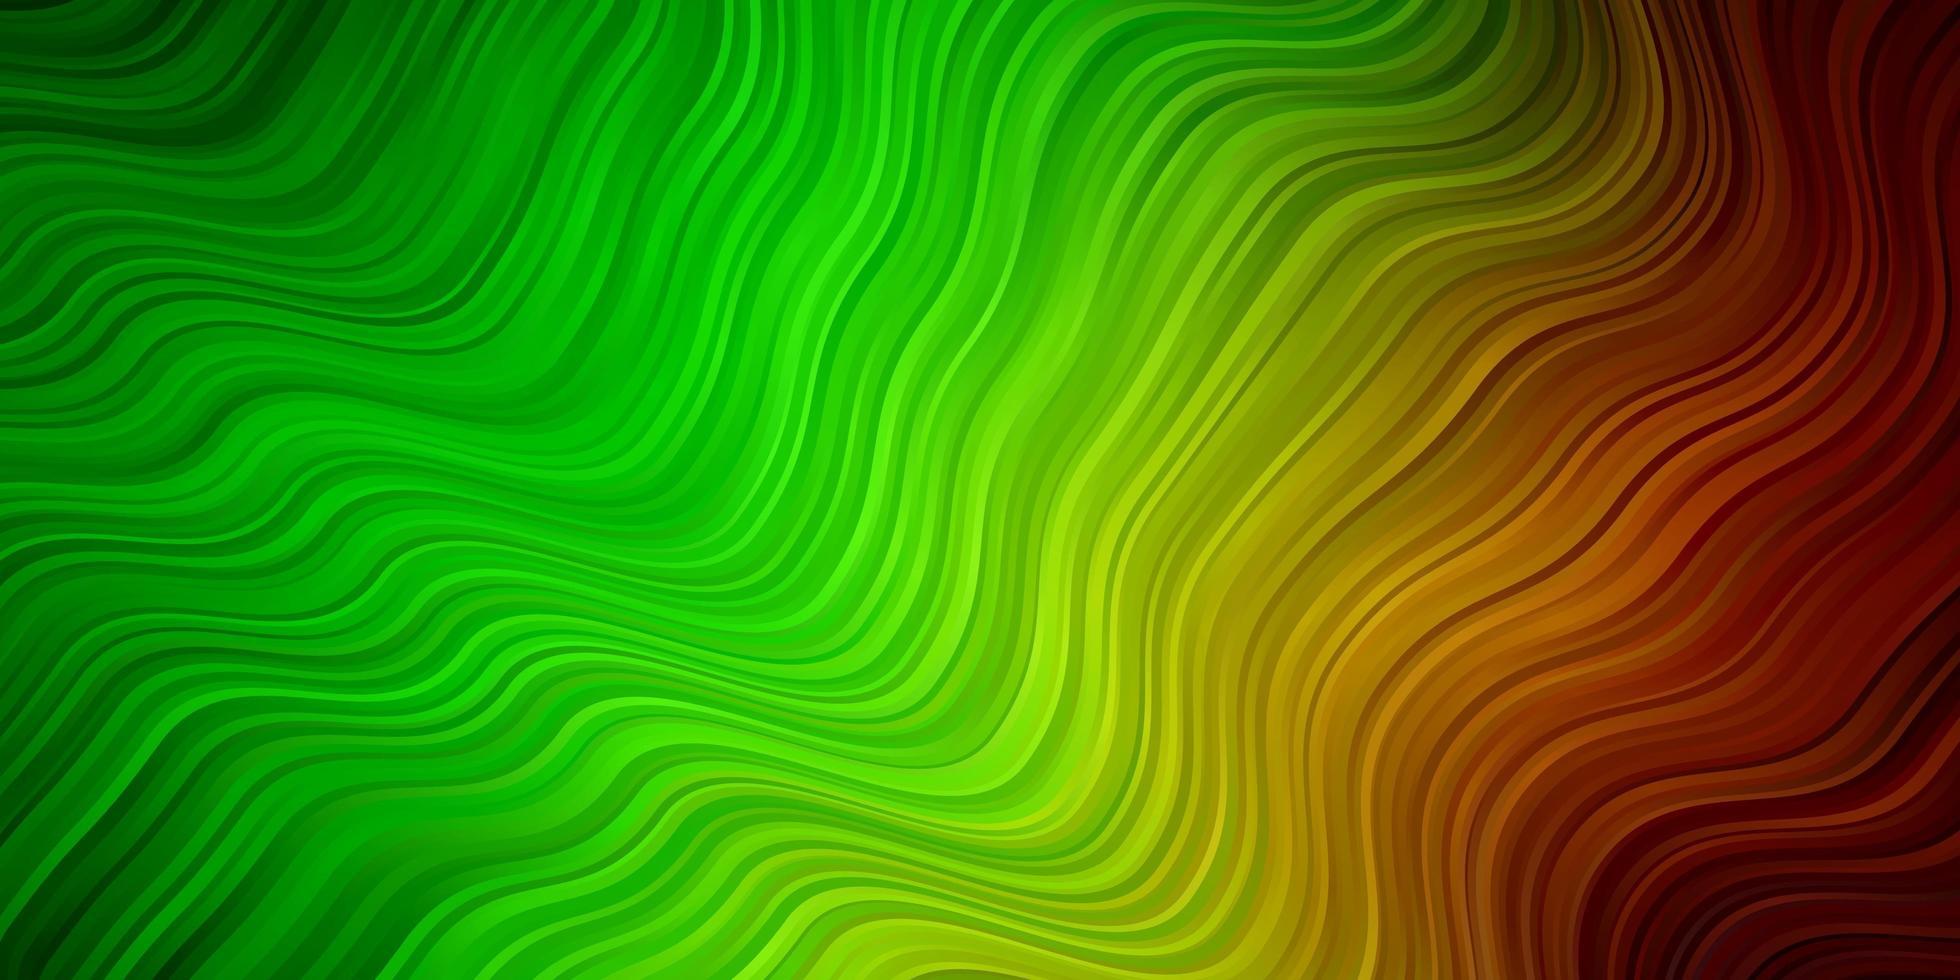 textura de vetor verde e vermelho claro com curvas.